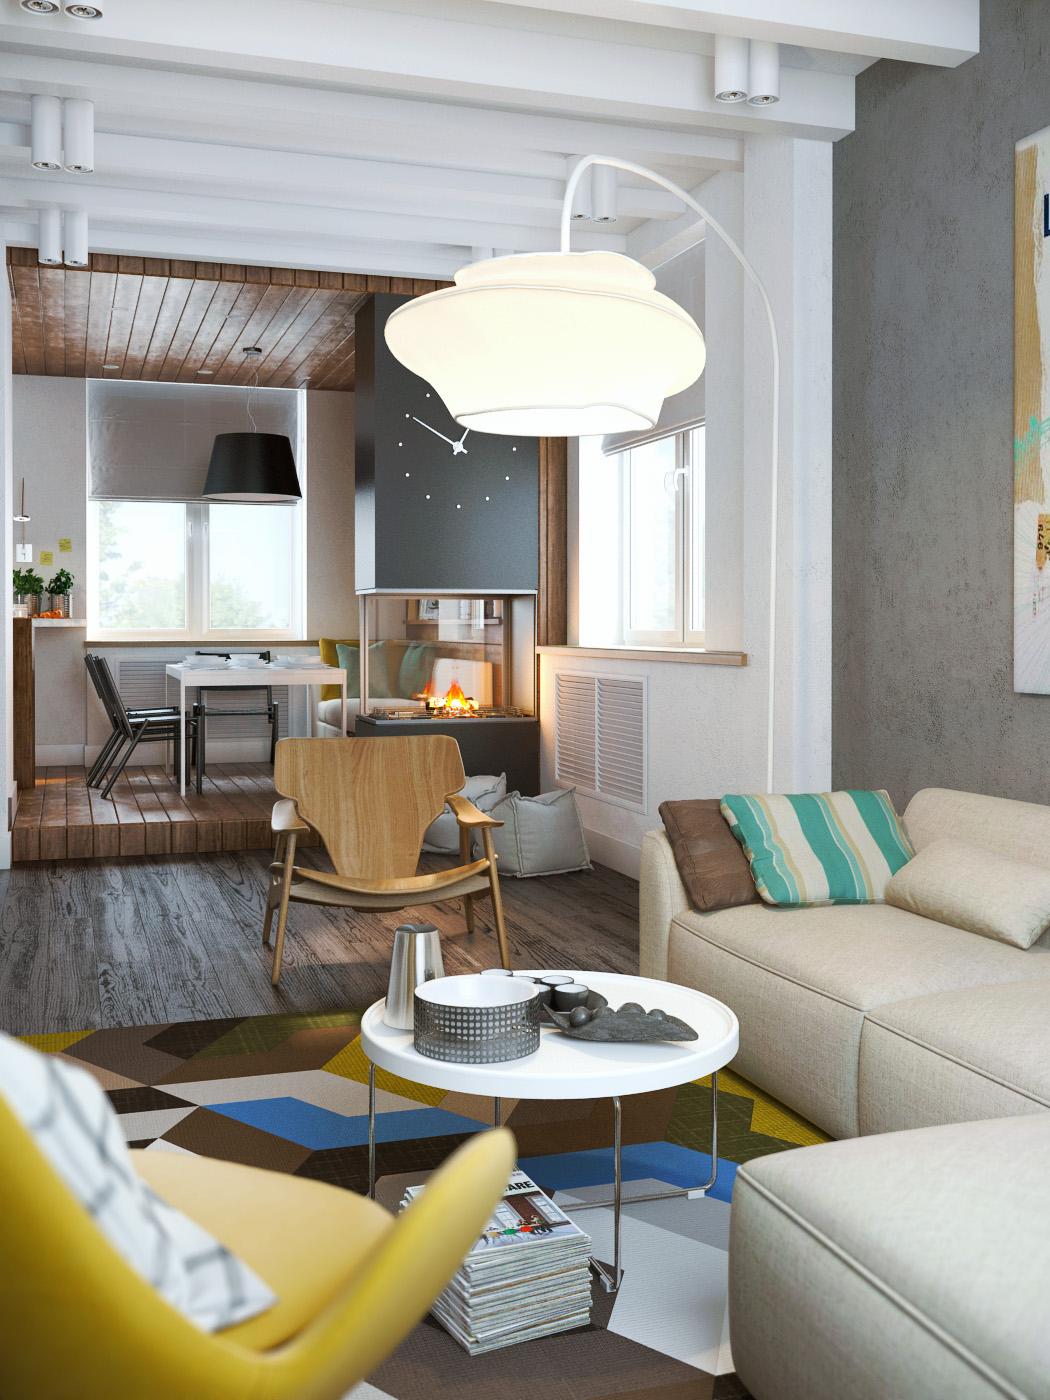 Unique interior design styles